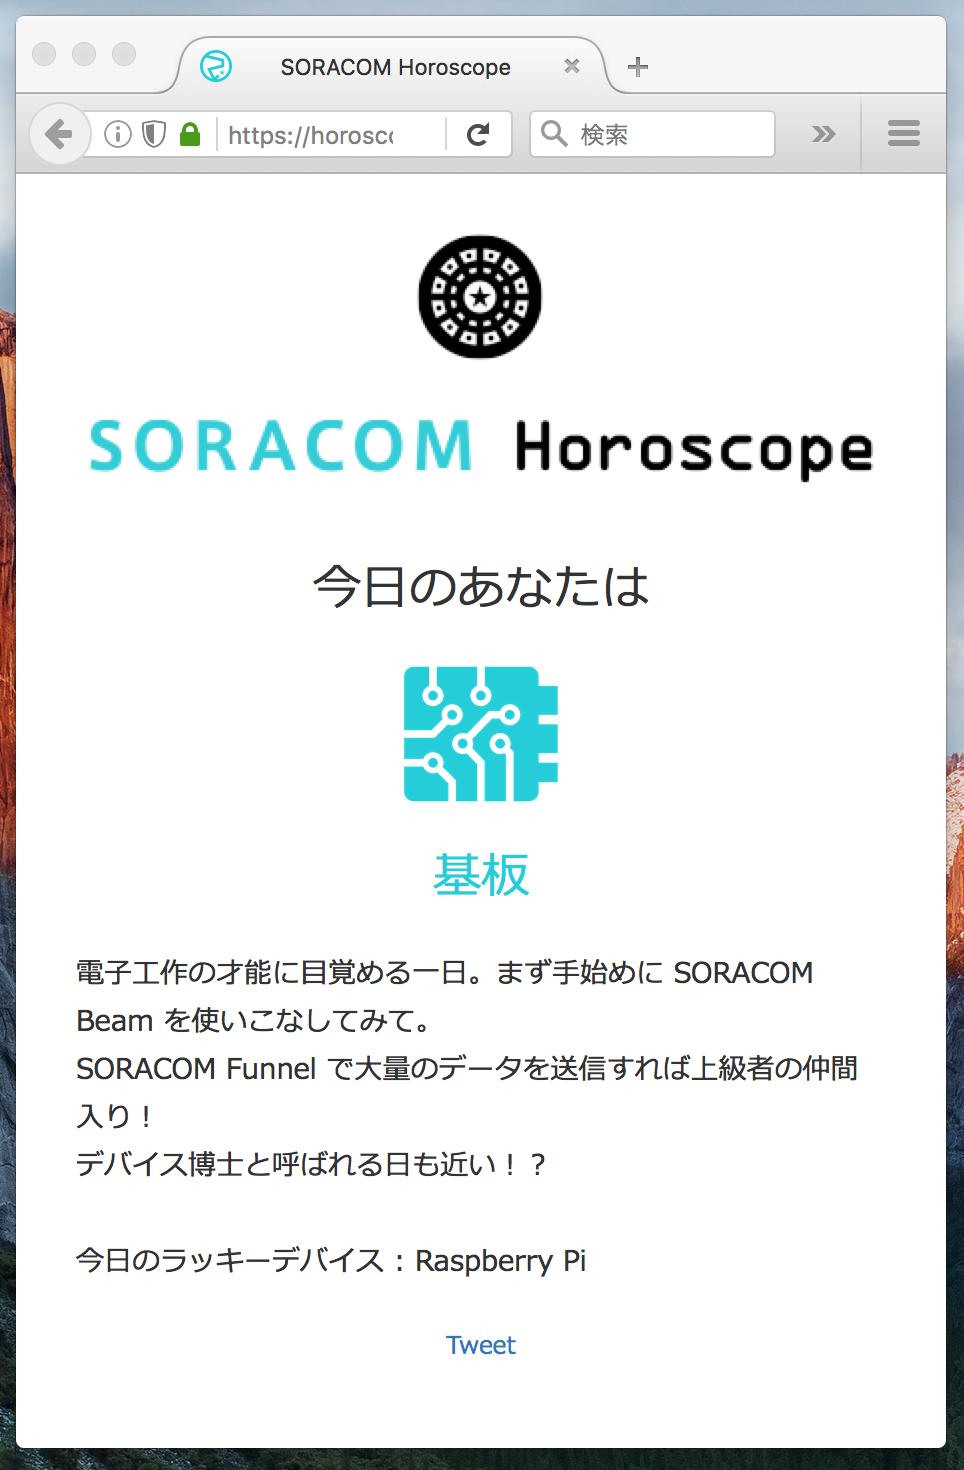 soracom-horo01